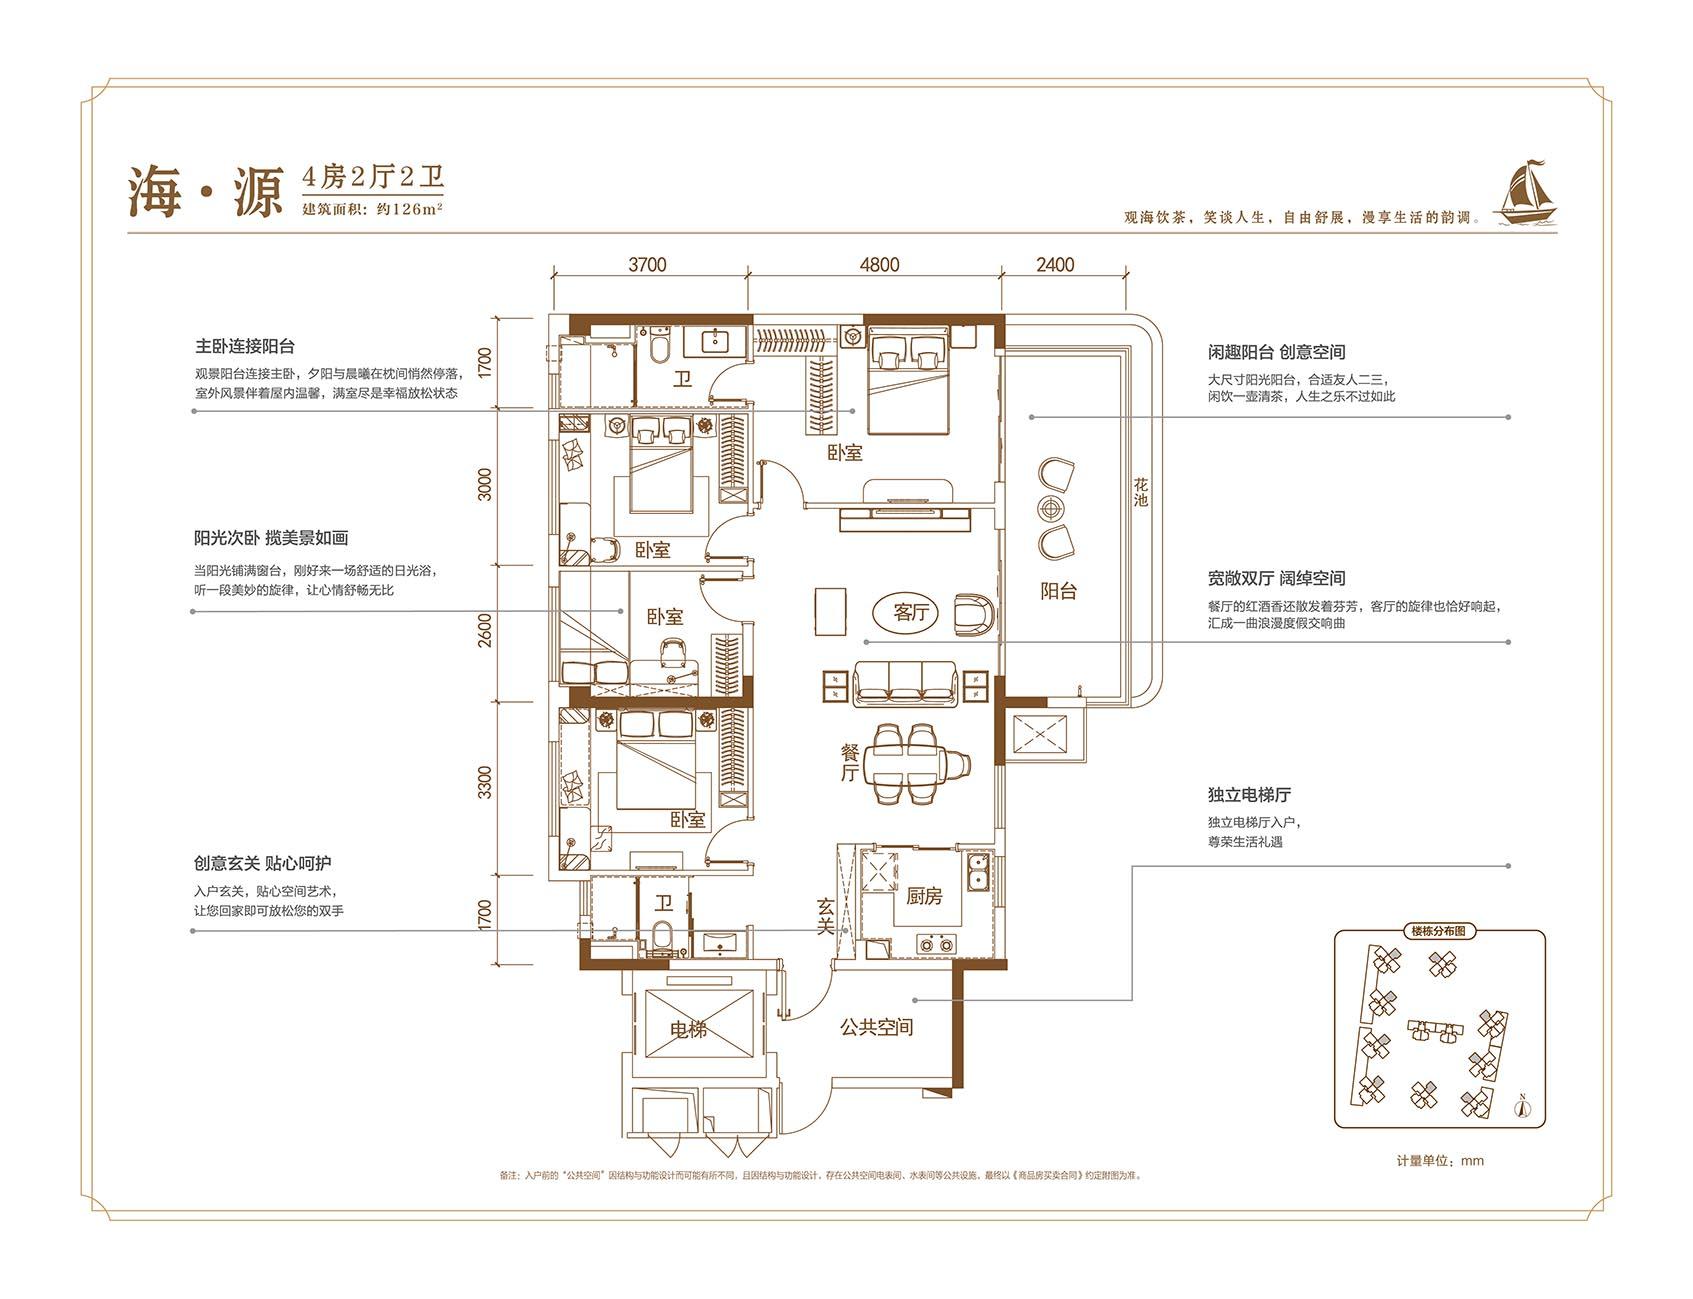 碧桂园海上大都会4房2厅2卫